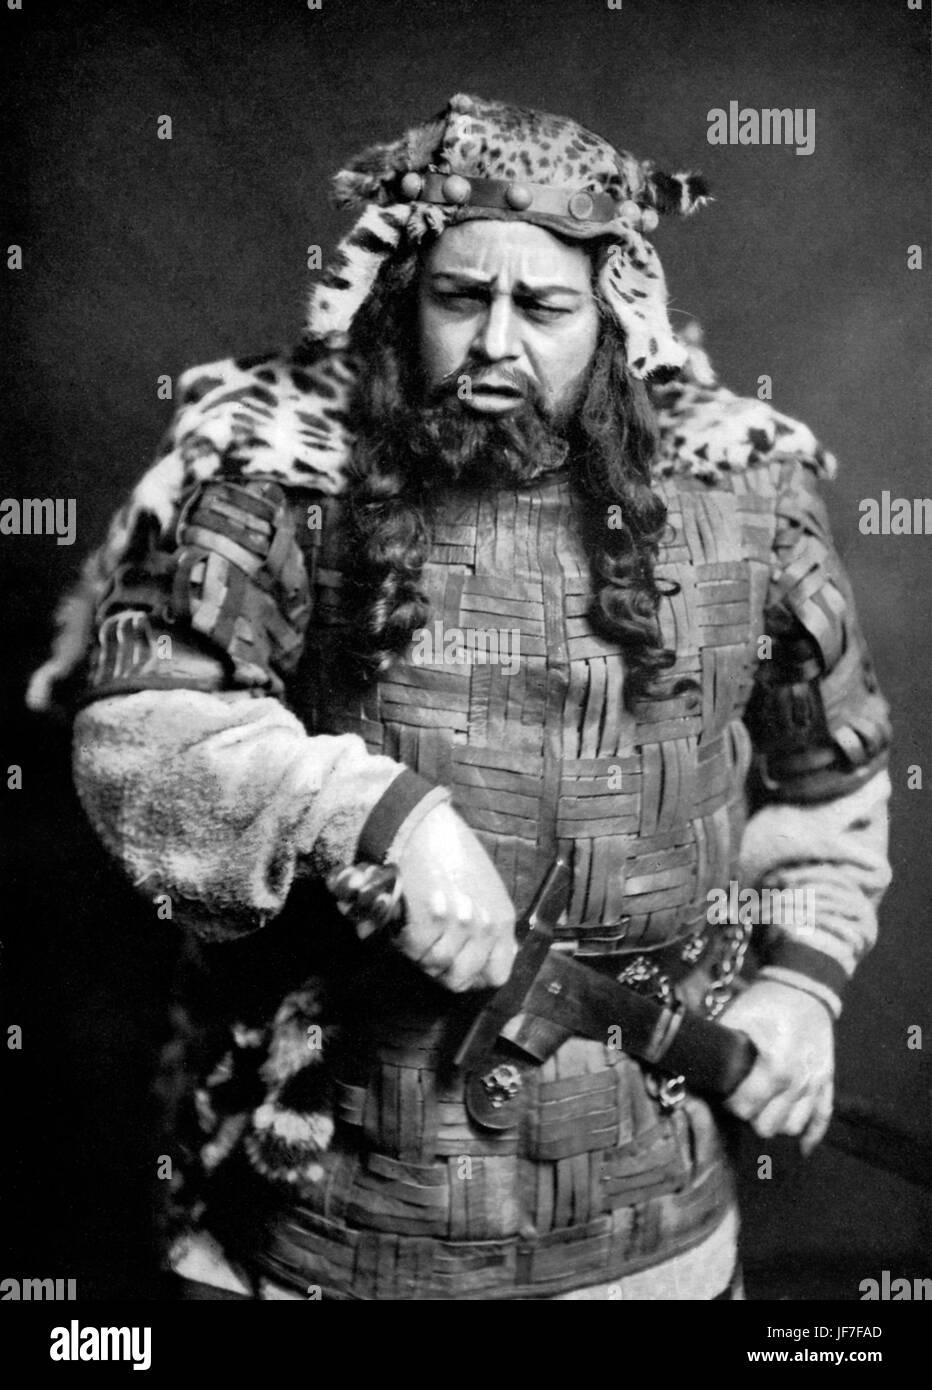 Claudio, re di Danimarca, da William Shakespeare's borgo, svolto dal Sig. Oscar Asche. 1905. Finestra di dialogo Immagini Stock